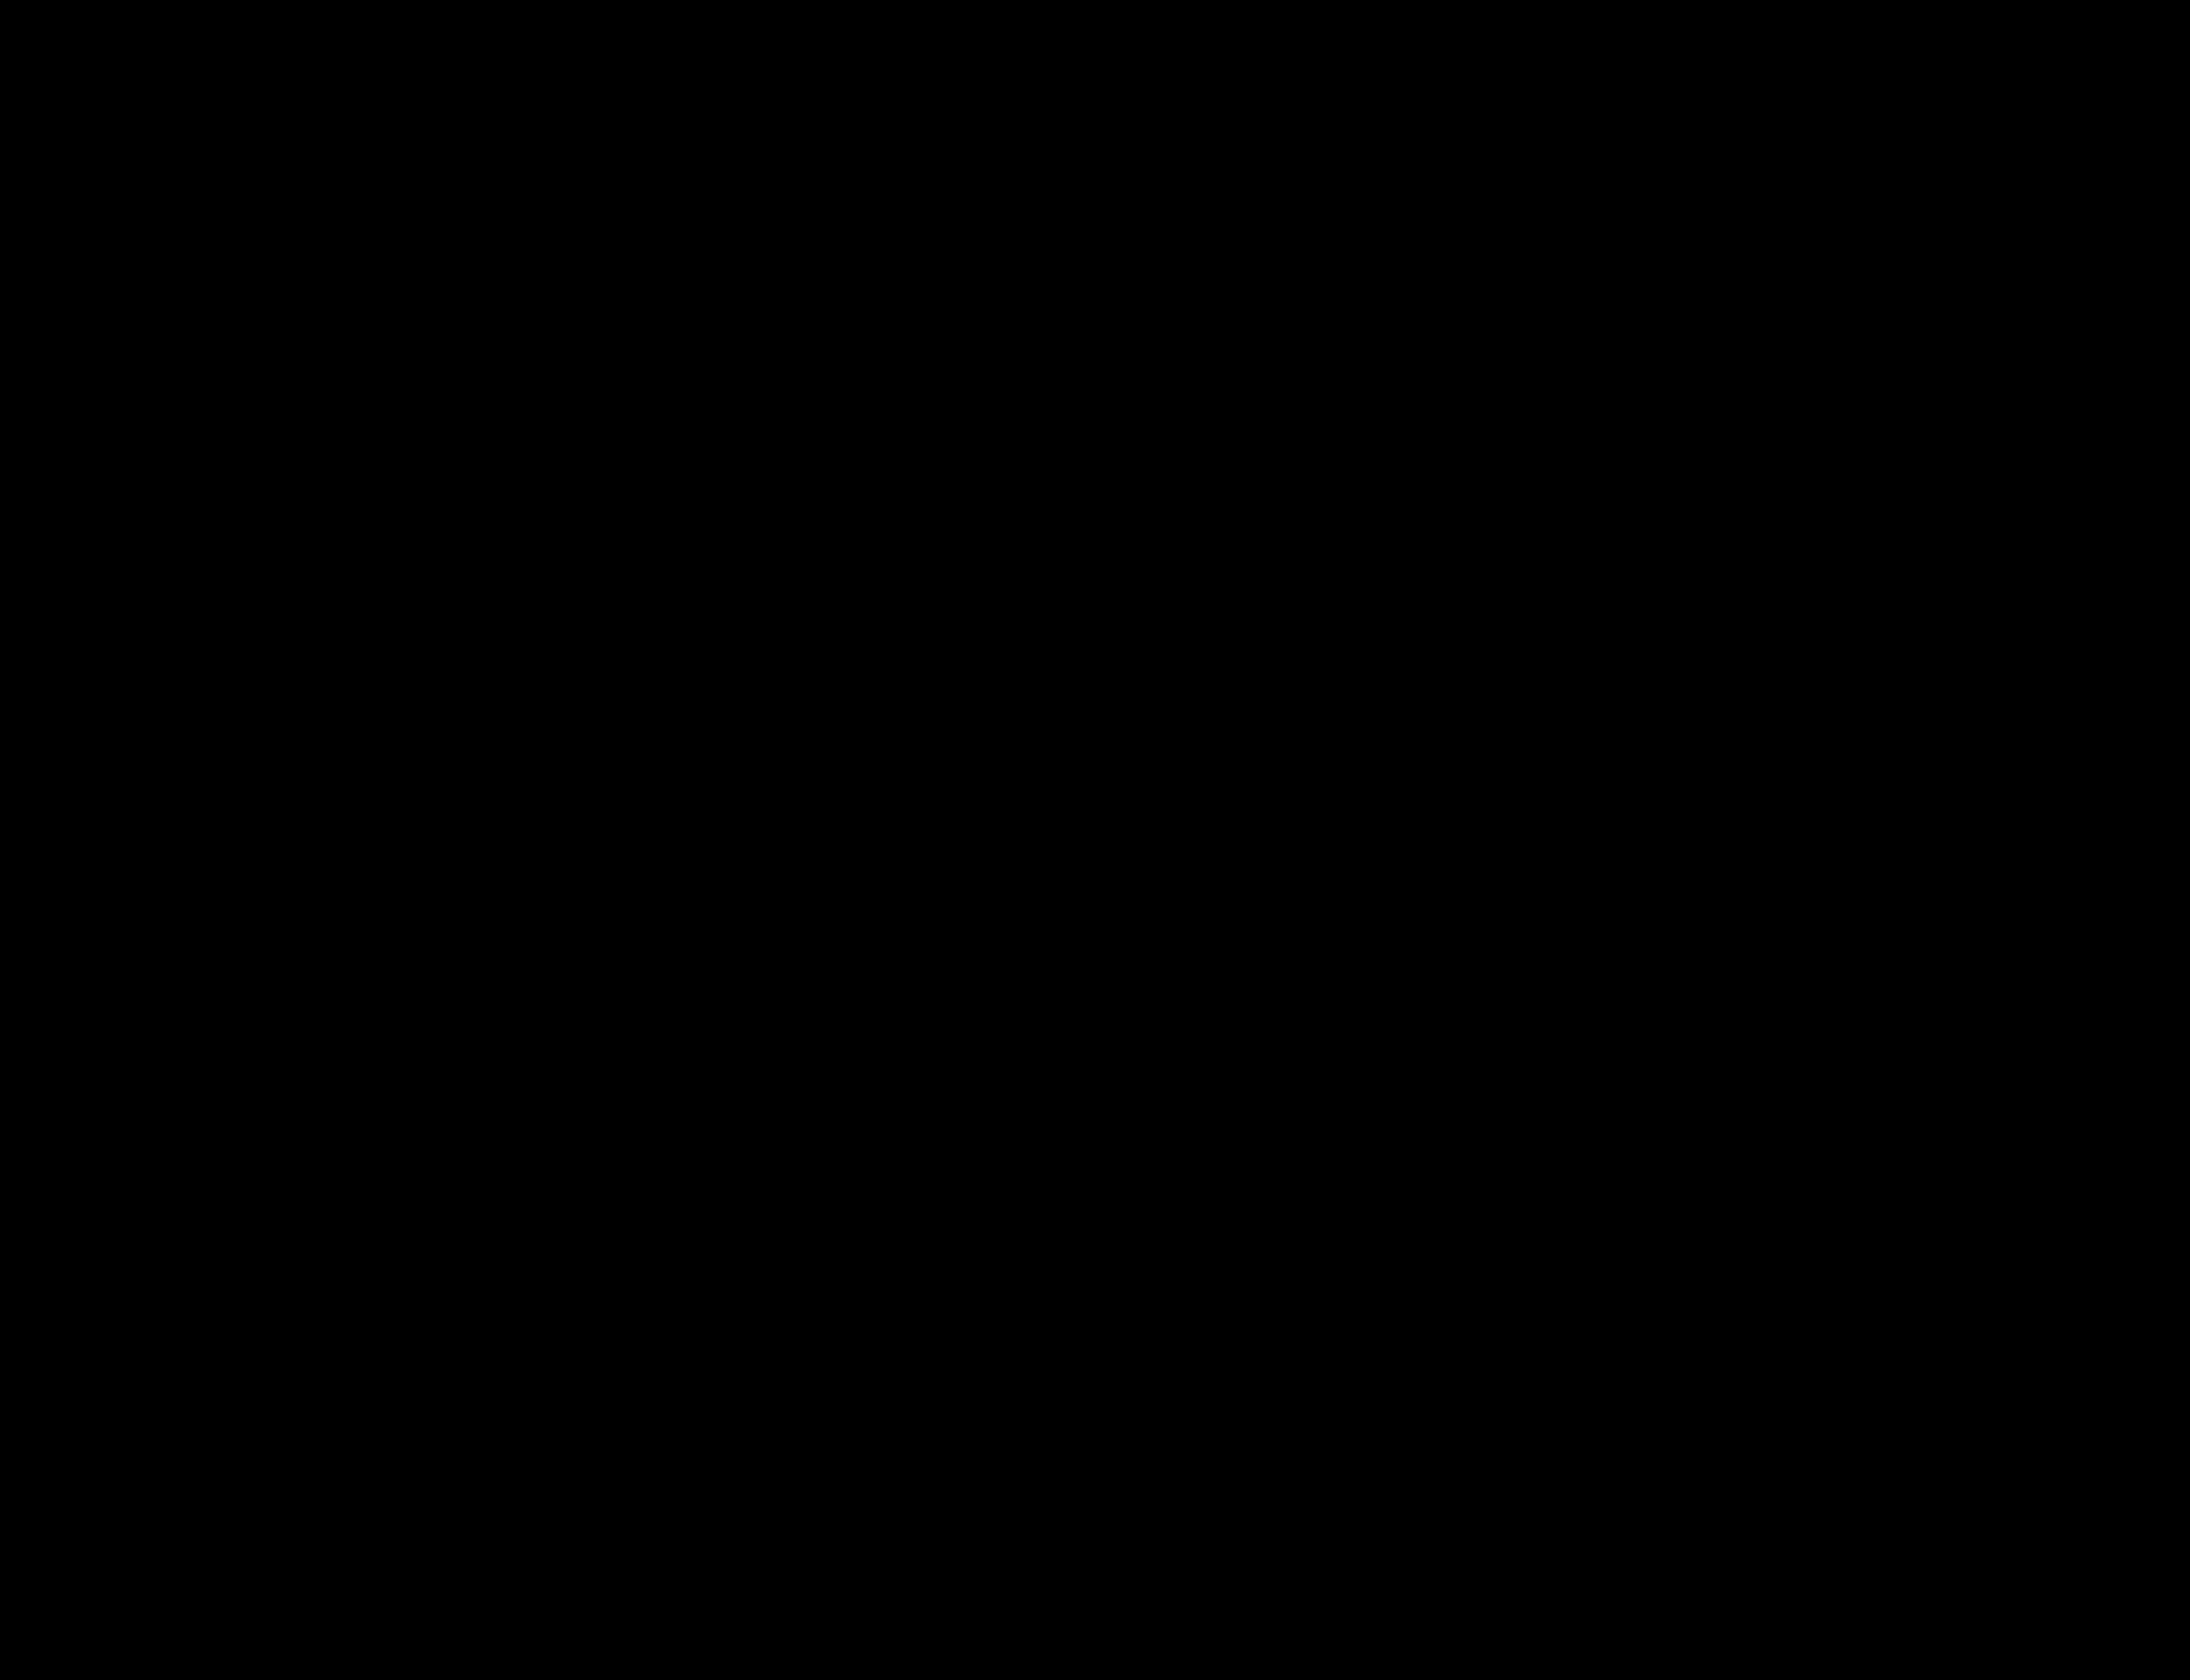 Laser co2 gaia/ t500